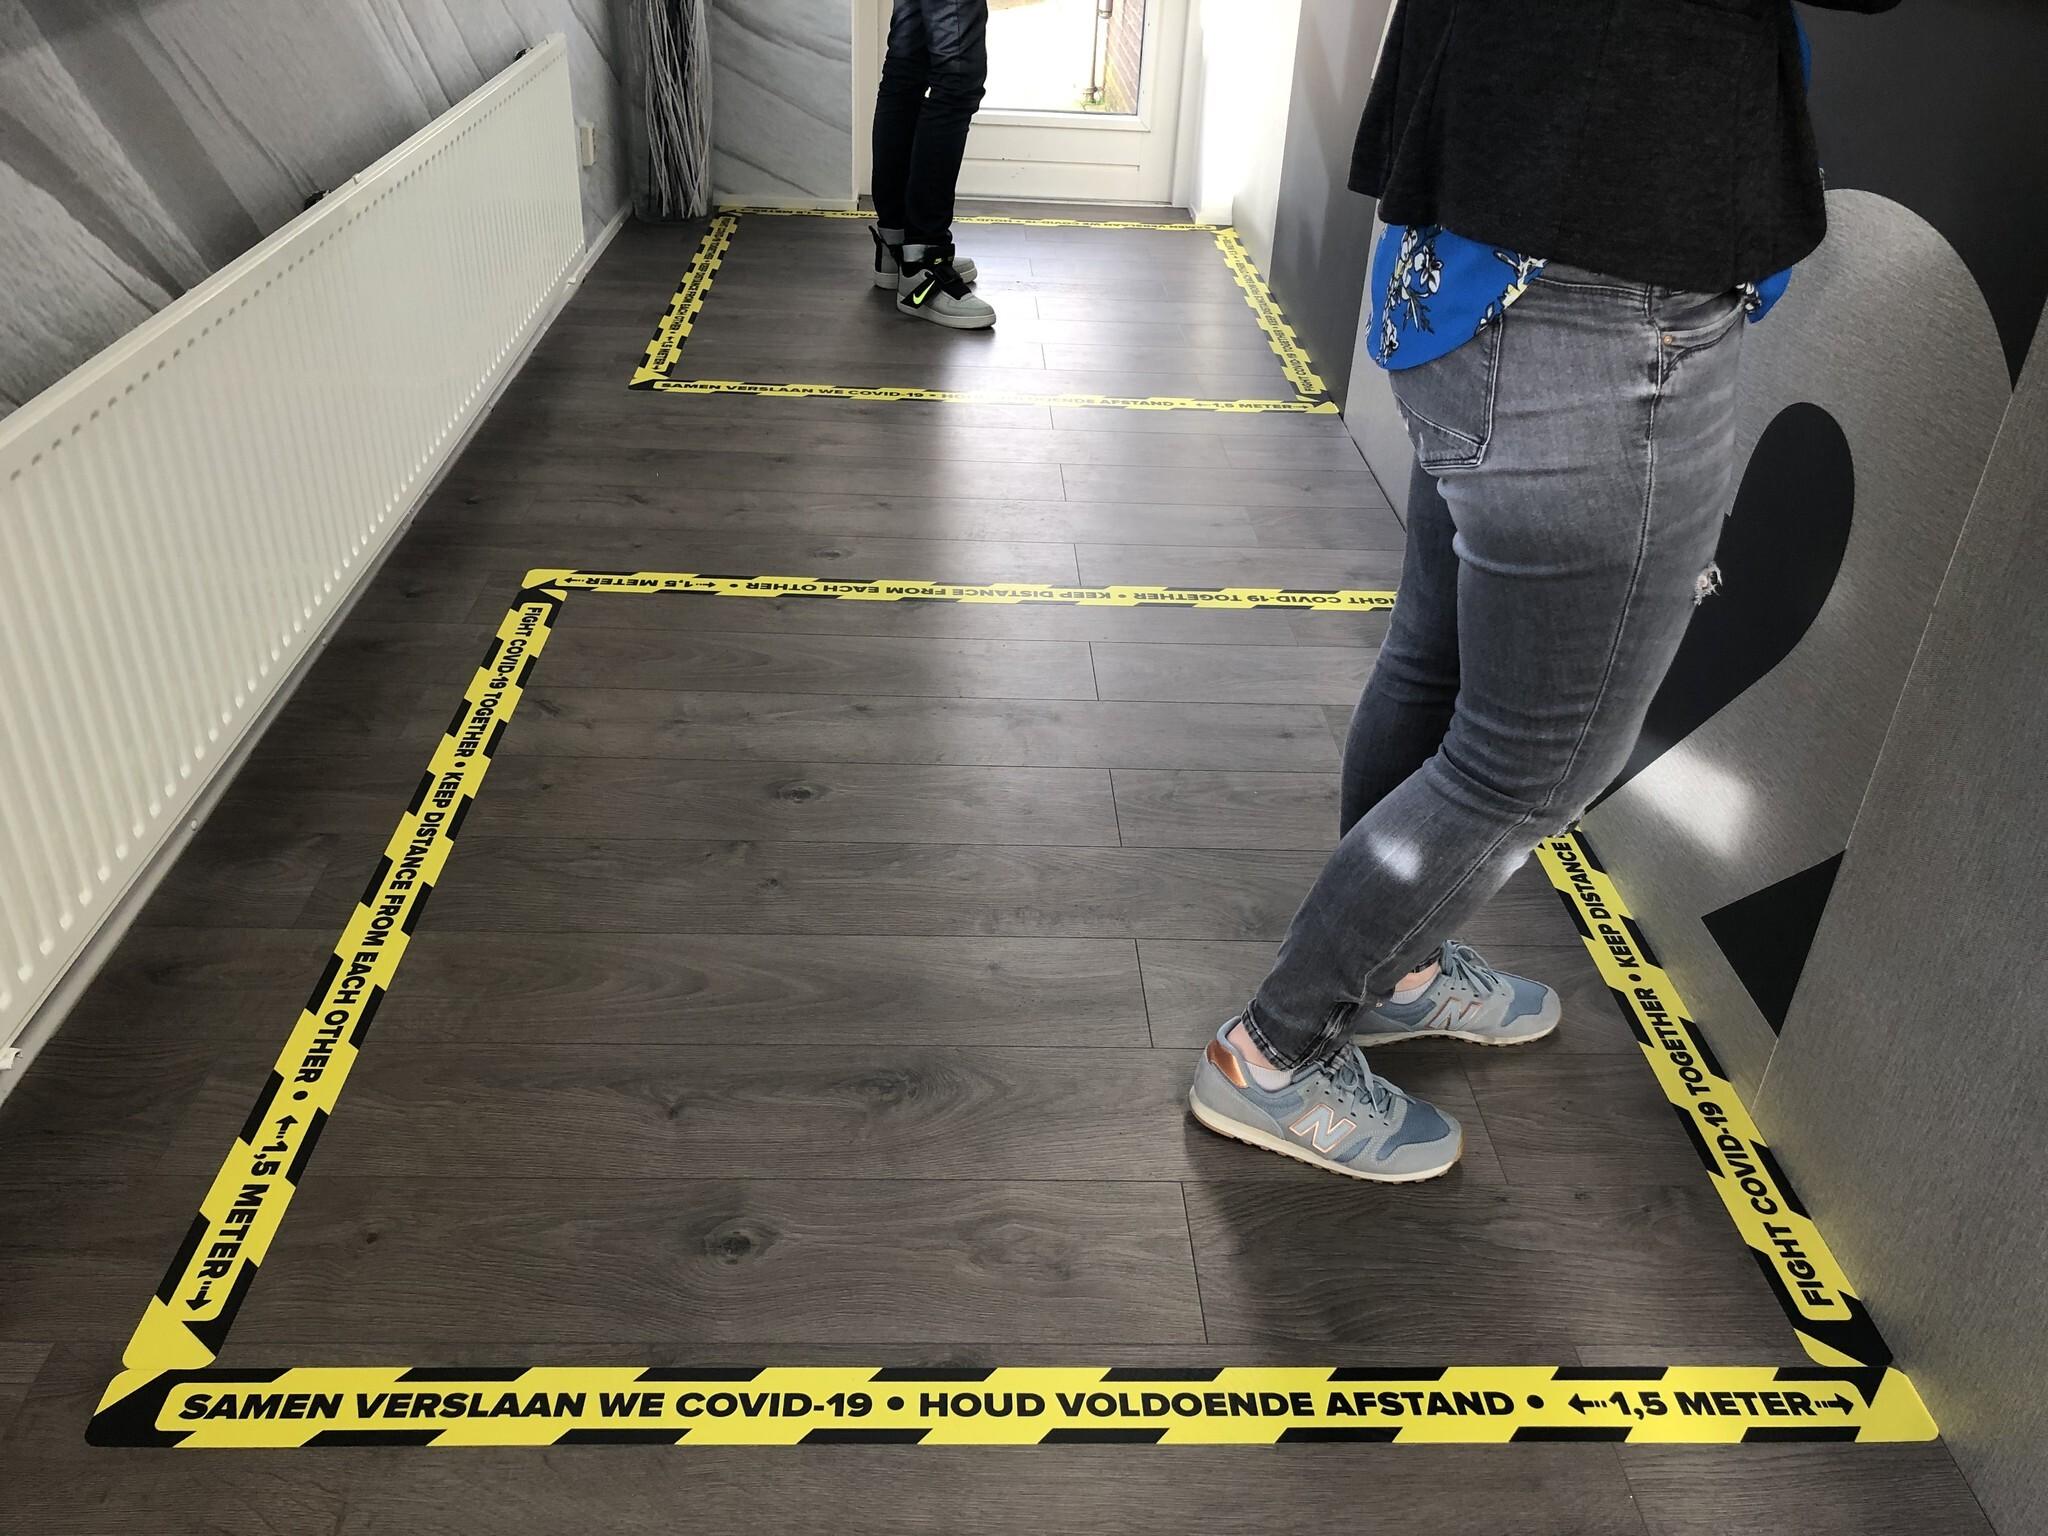 Bodenlinienaufkleber Abstand 1,5 Meter halten